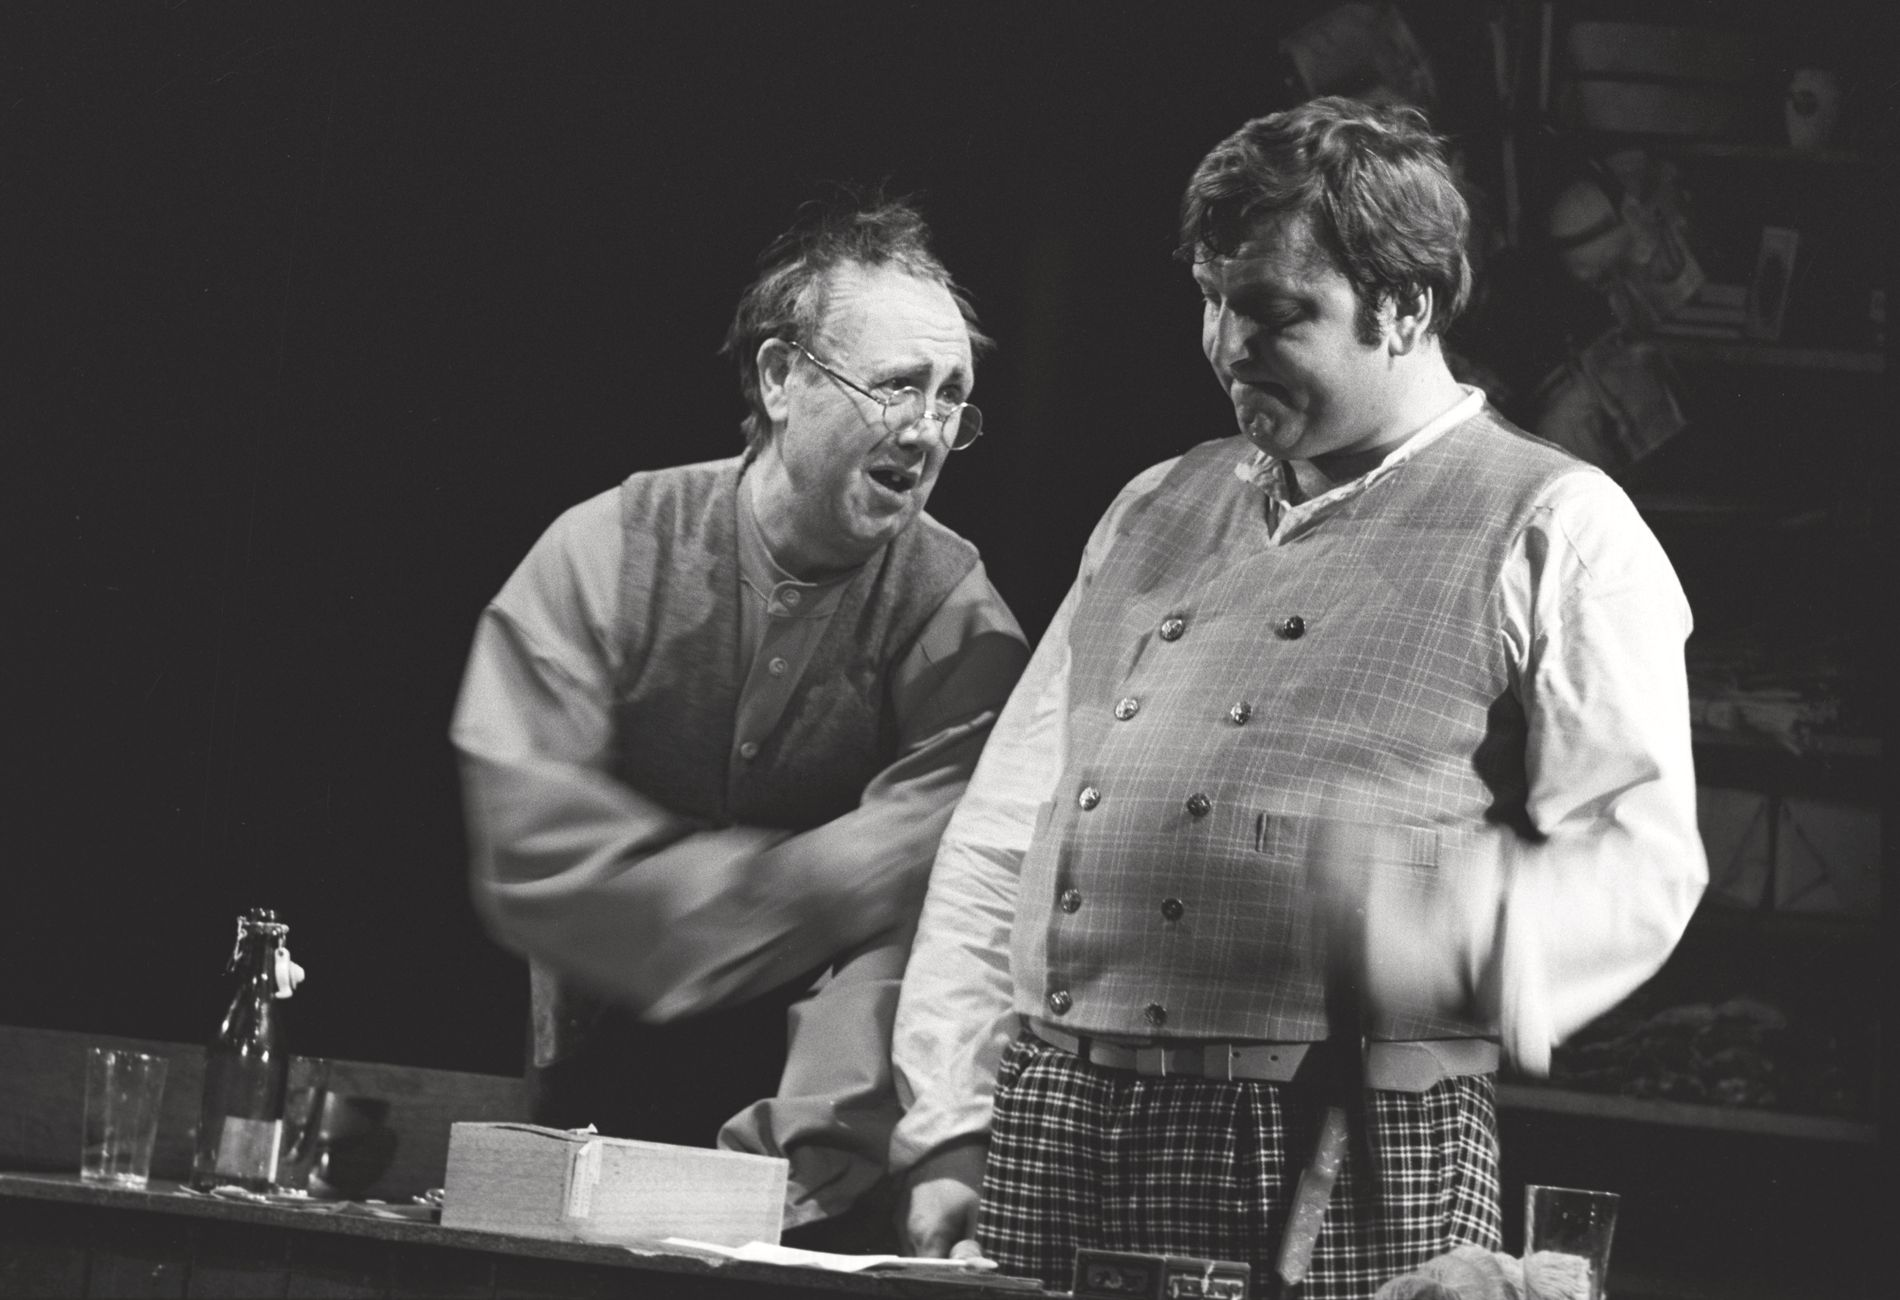 PÅ SCENEN: Rolf Sand (t.v.) i samspill med Rolv Wesenlund i rollene som henholdsvis gamle og unge Bør i Johan Falkbergets «Bør Børson».